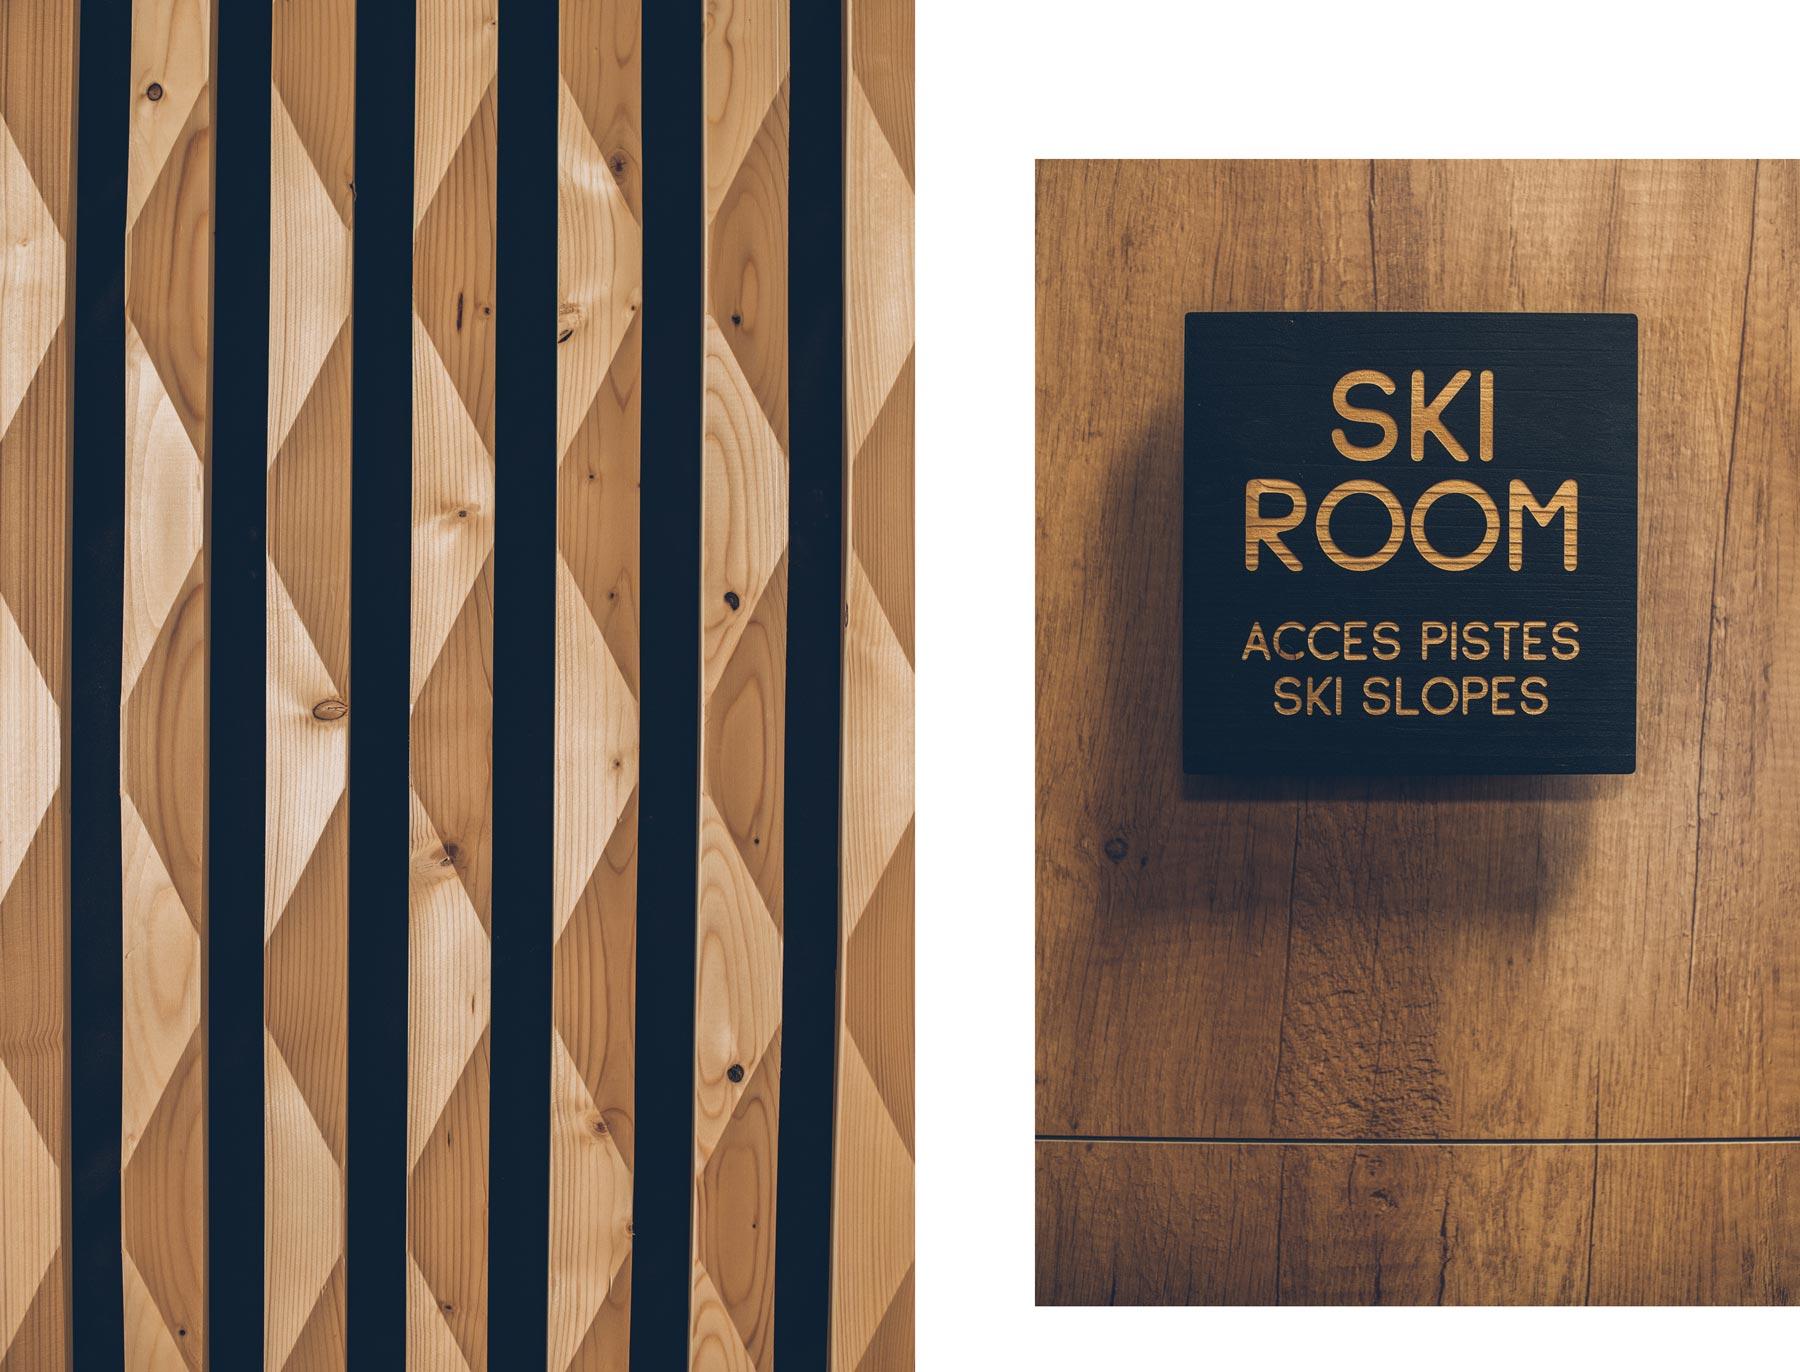 Ski Room, Alparena, La Rosière